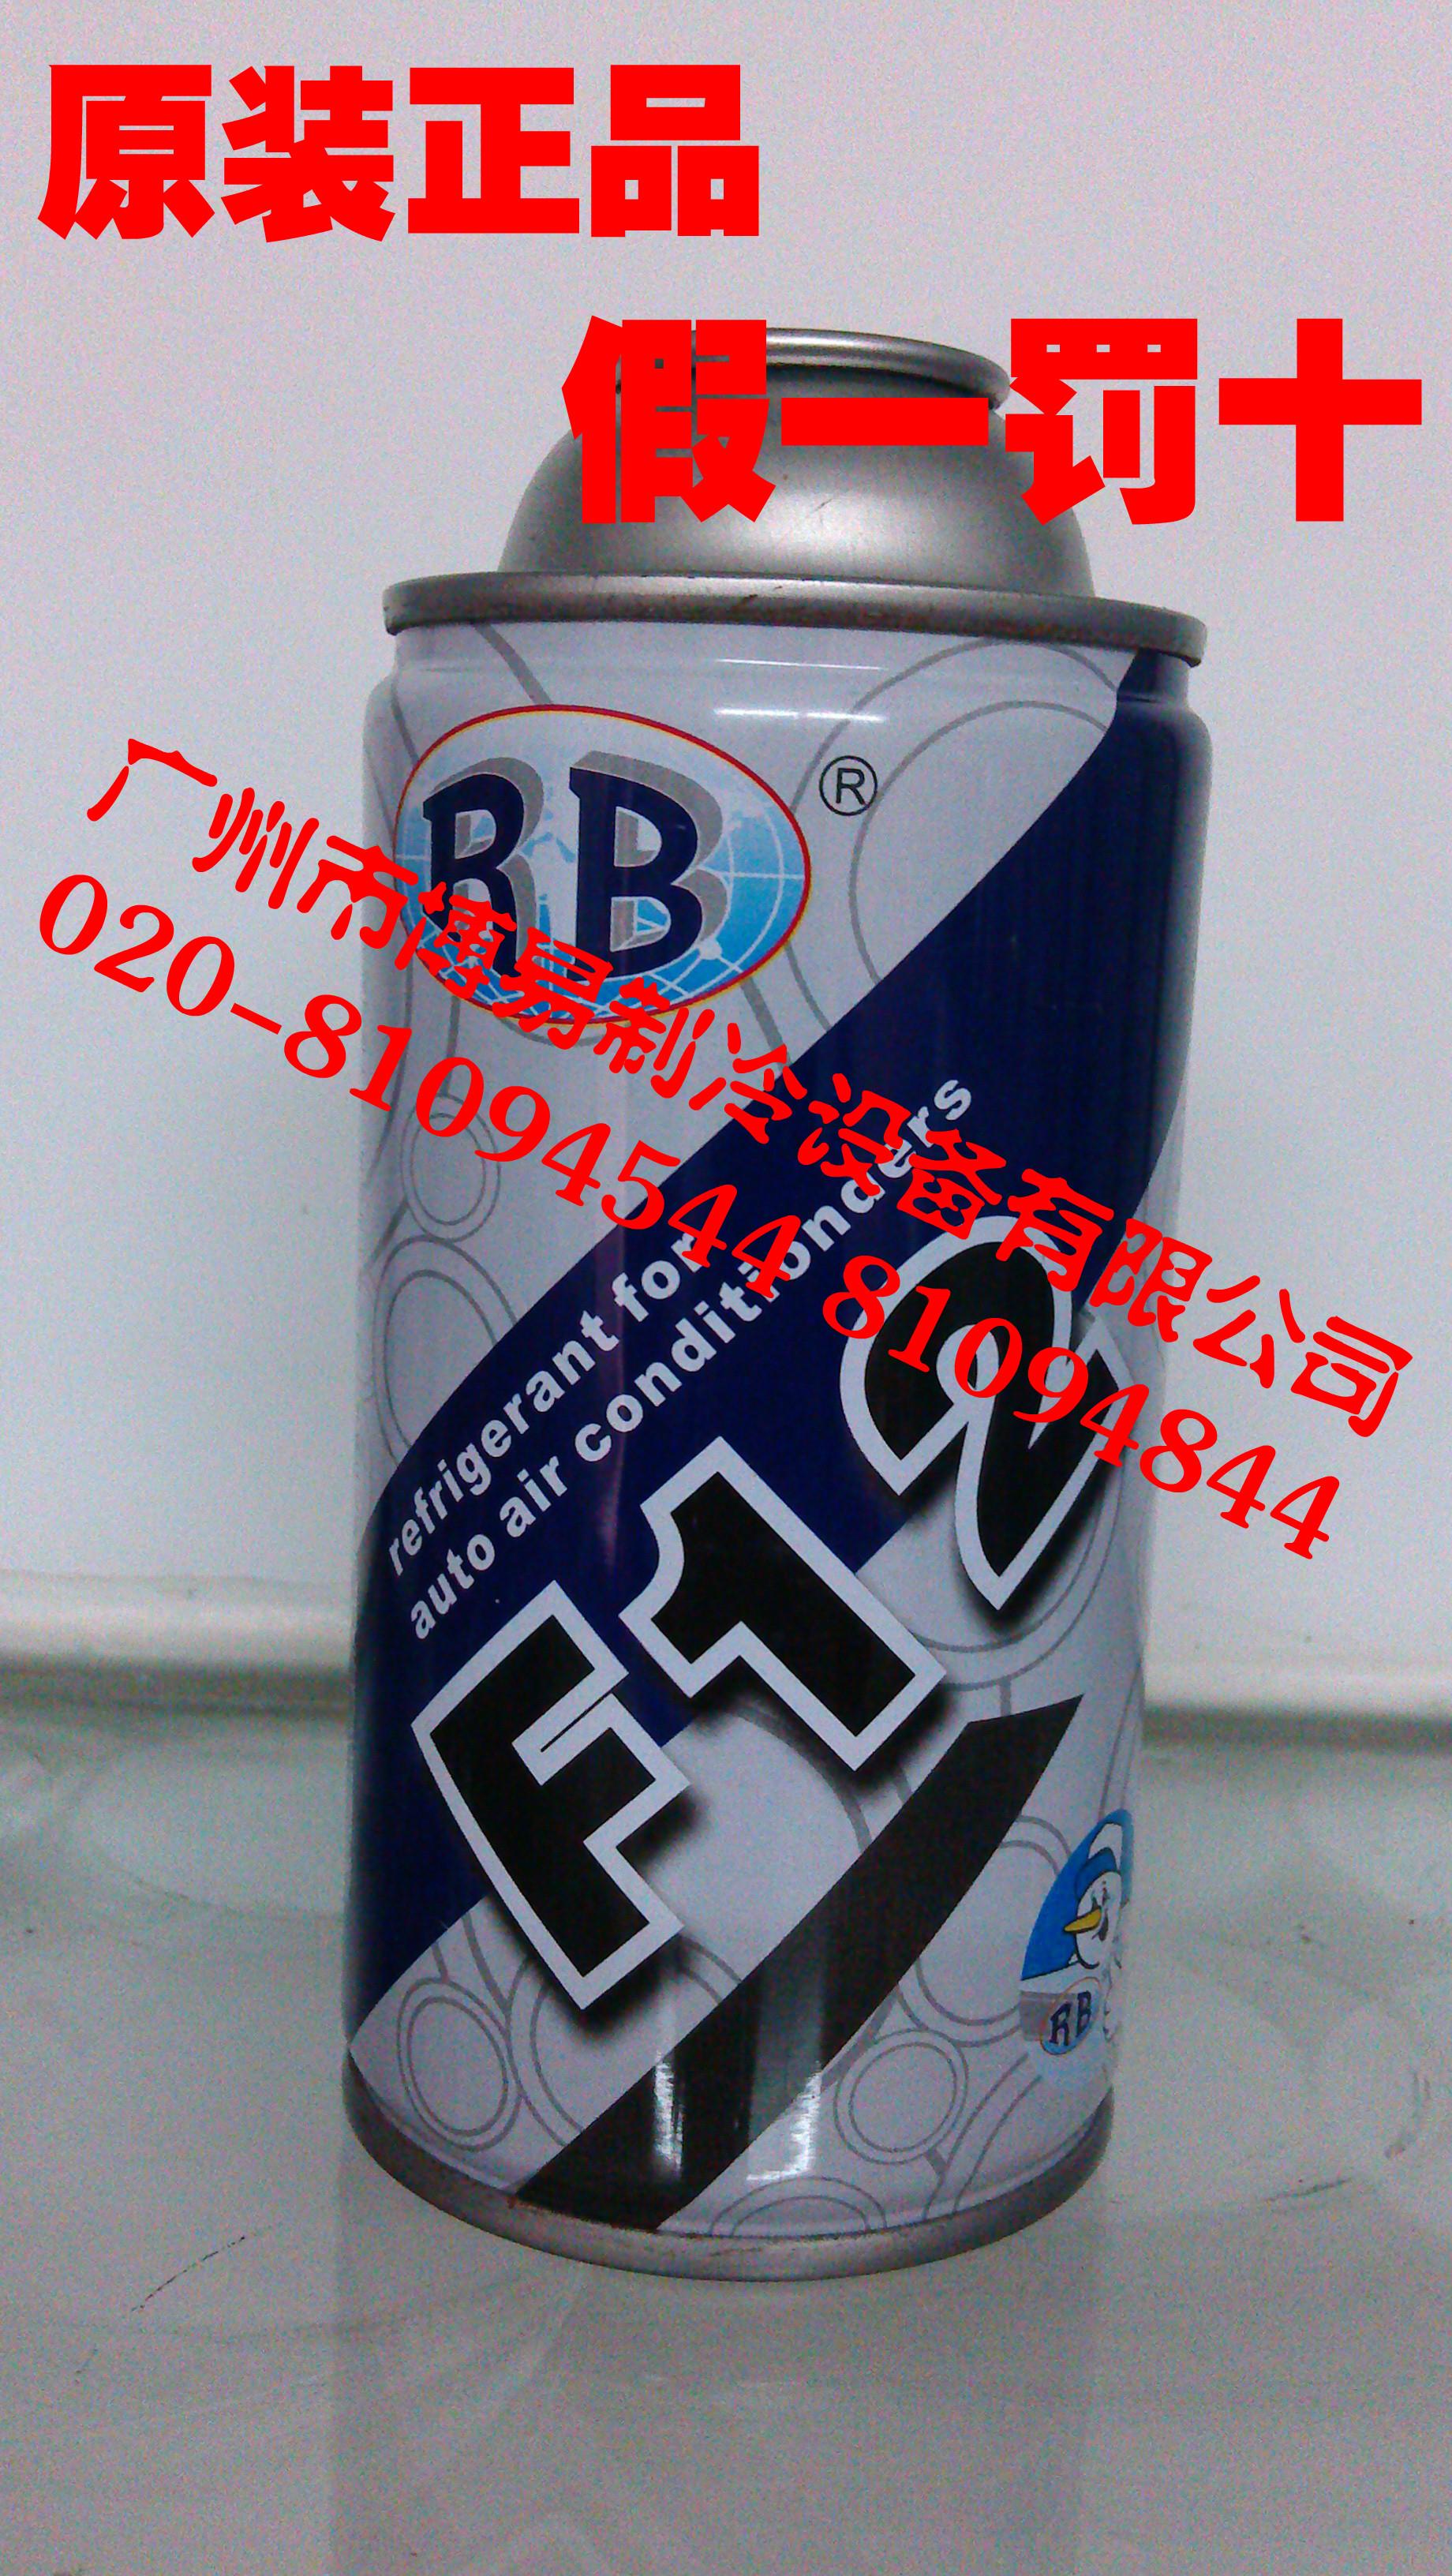 Ofertas de refrigerante Freon R12 ugg neve com refrigerante.